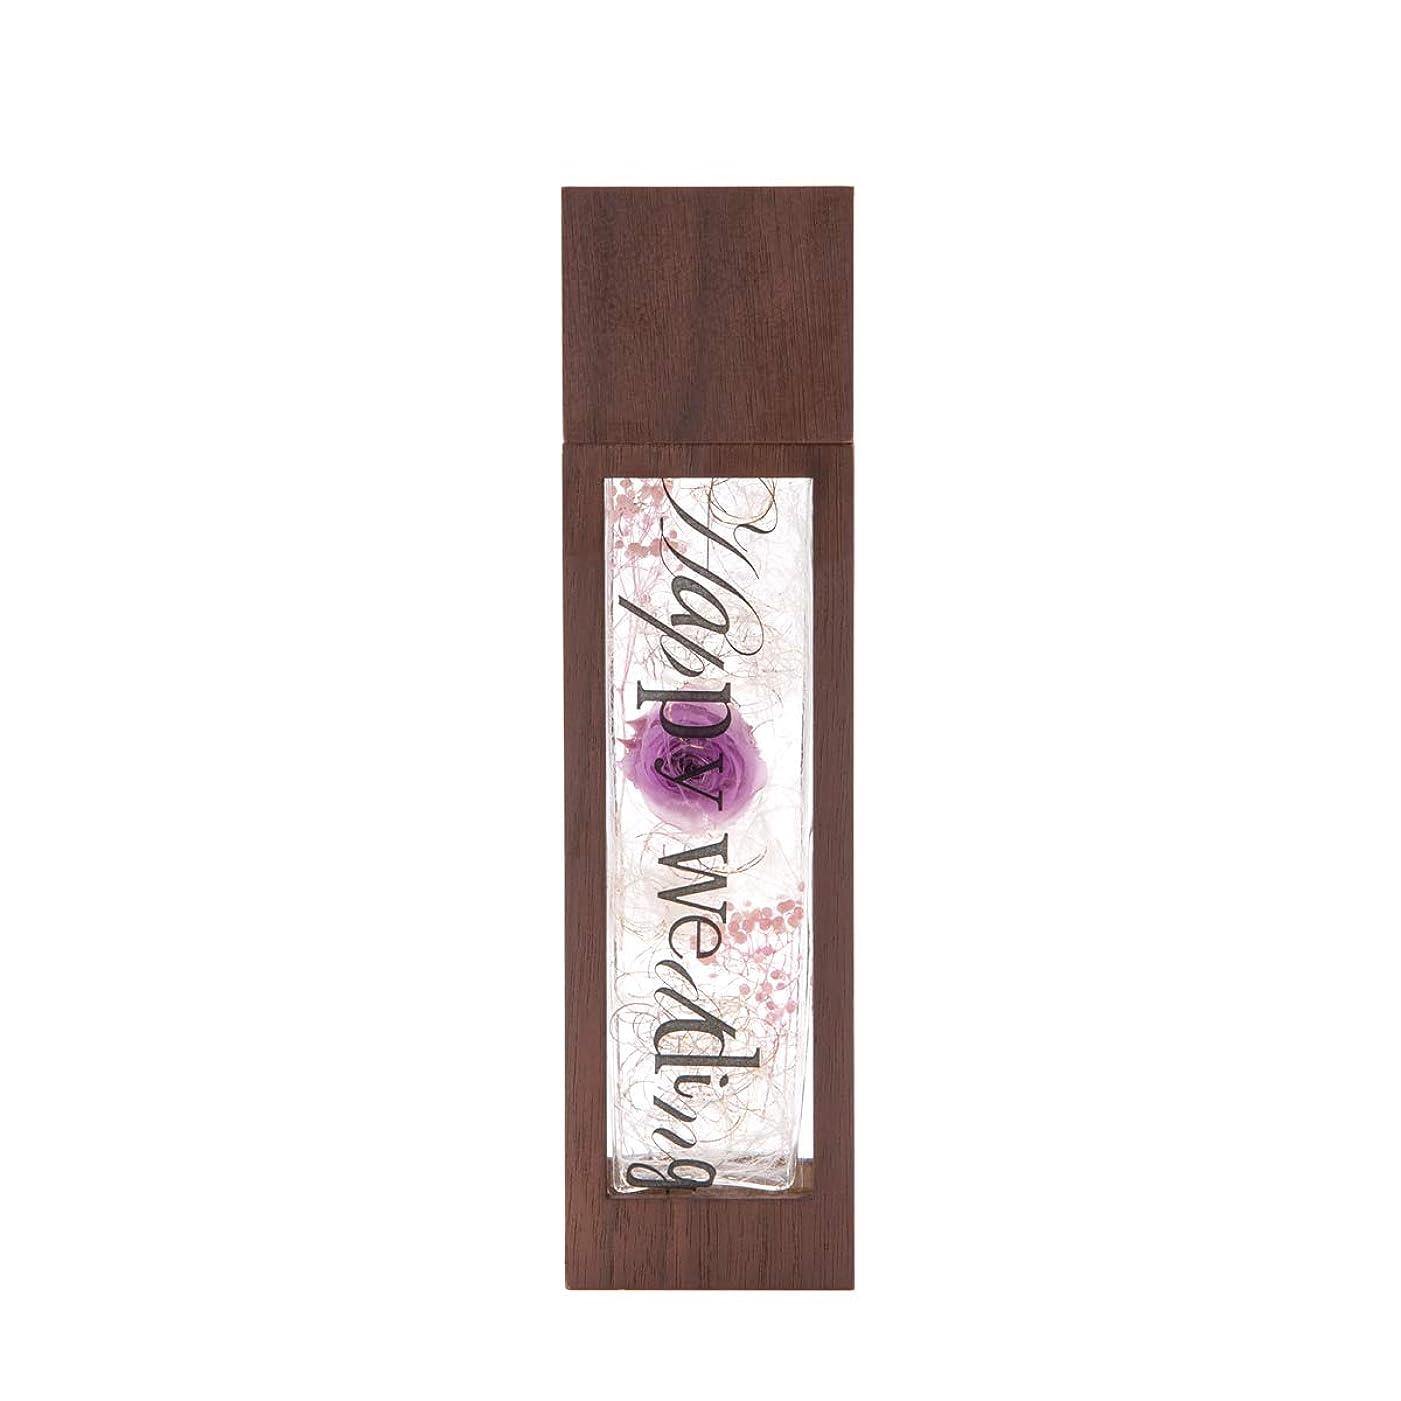 四腹作業(ファンファン)メッセージ ハーバリウム 木枠付き Mサイズ ライトパープル 紫 (Happy Wedding)薔薇 ローズ 花 プレゼント ギフト